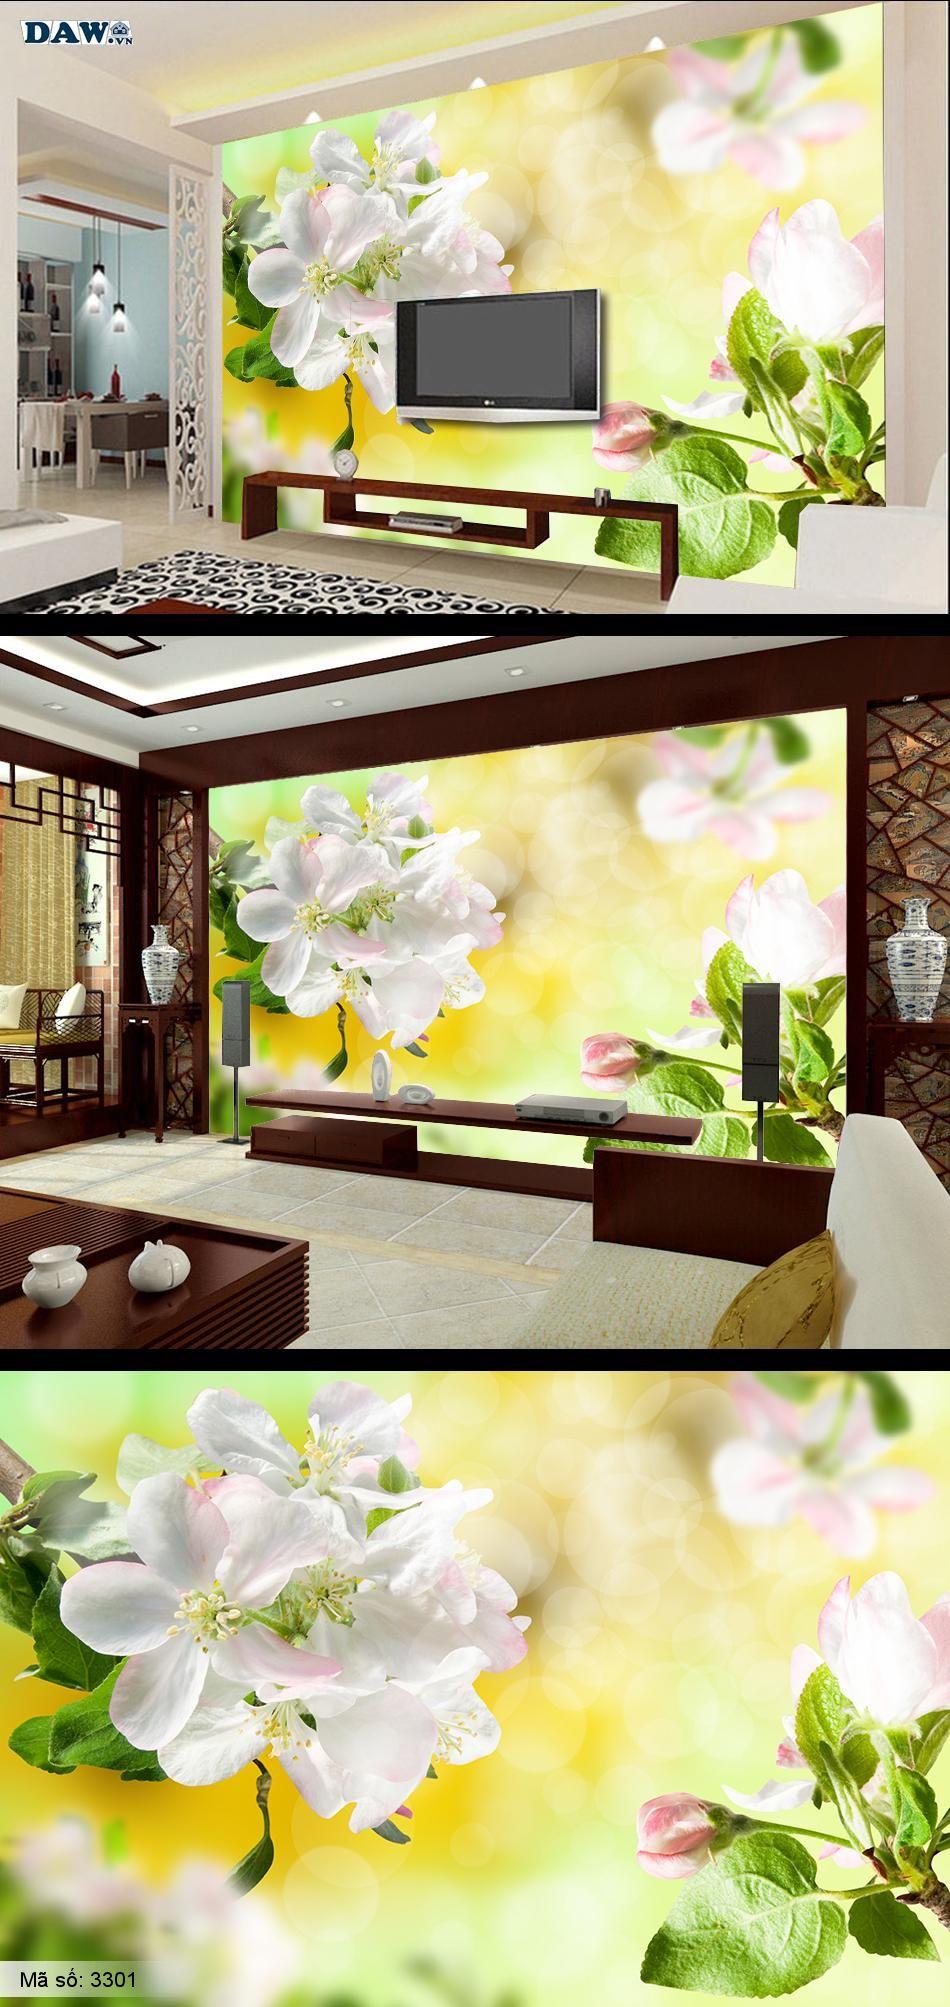 Hoa đào, hoa đào trắng, Tranh dán tường Hàn Quốc 3301